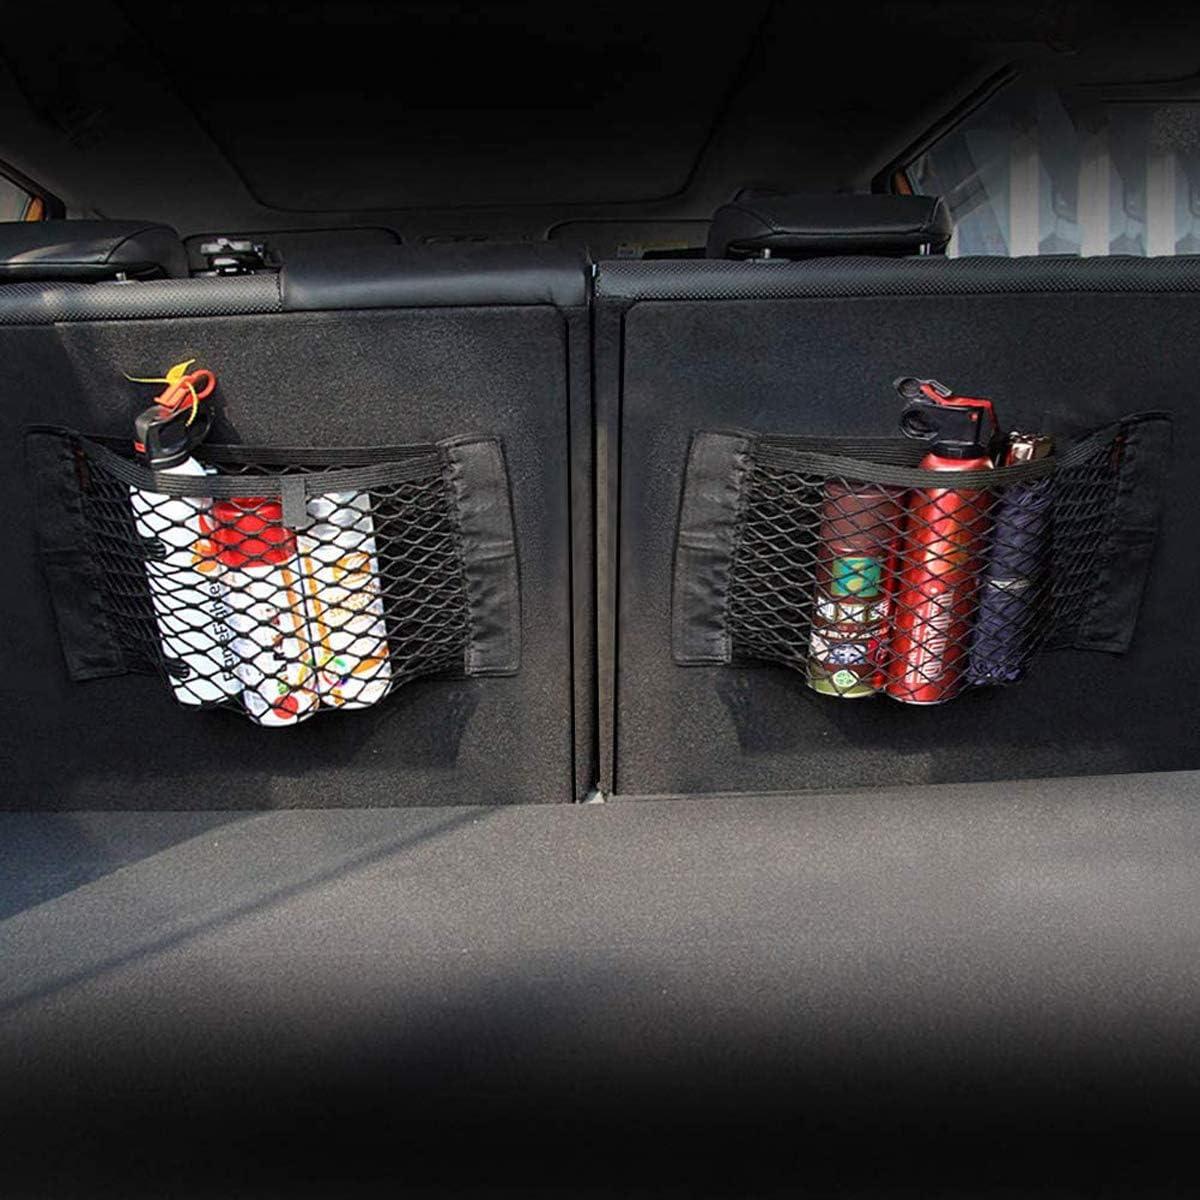 40cm mengger 4Pcs Red de Almacenamiento Coche ba/úl Trasero Trunk Storage Net Almacenamiento de Malla Botellas comestibles Bolsa Pocket Organizer con Velcro 25 35cm,25